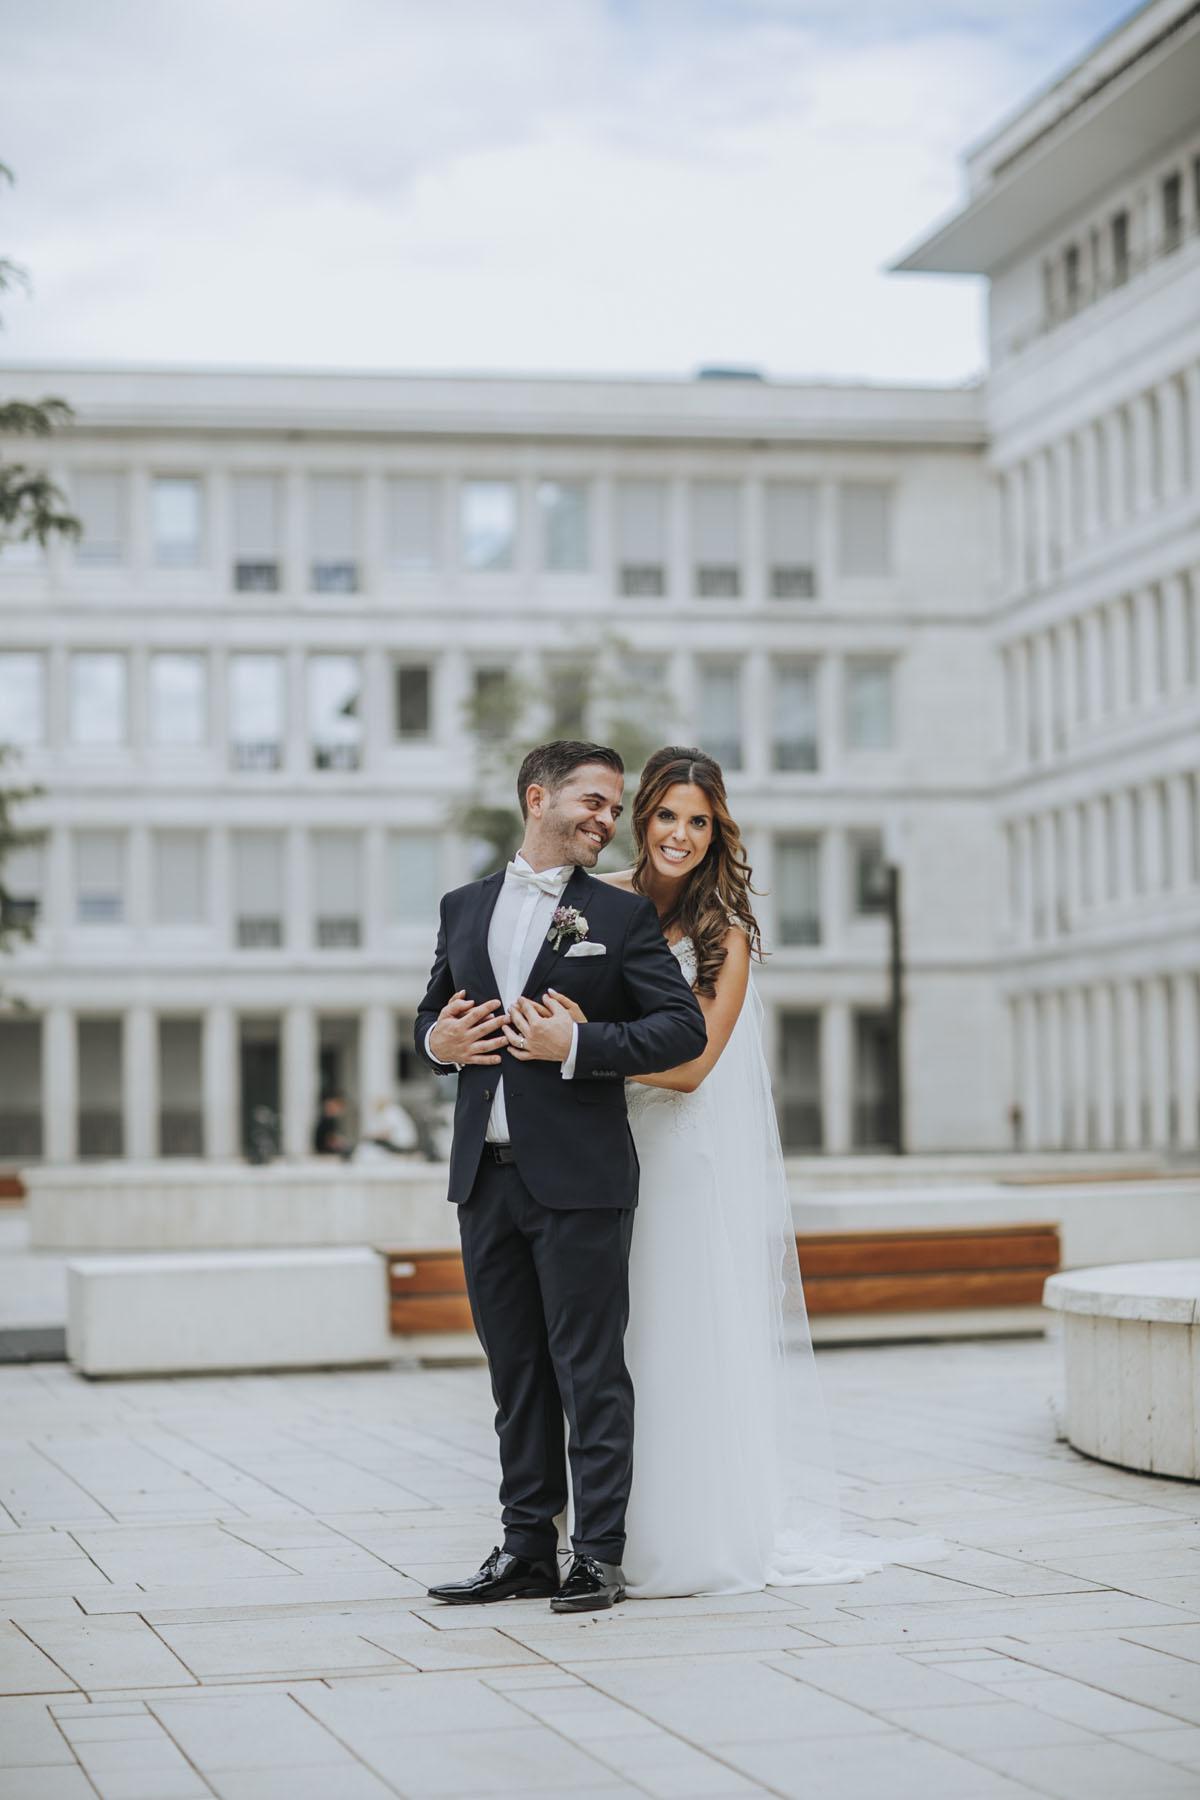 Janine+ Boris | Wir überraschen unsere Hochzeitsgäste mit dem bauwerk in Köln - Fotografin Guelten Hamidanoglu Koeln Hochzeiten Hochzeitsfotos  393